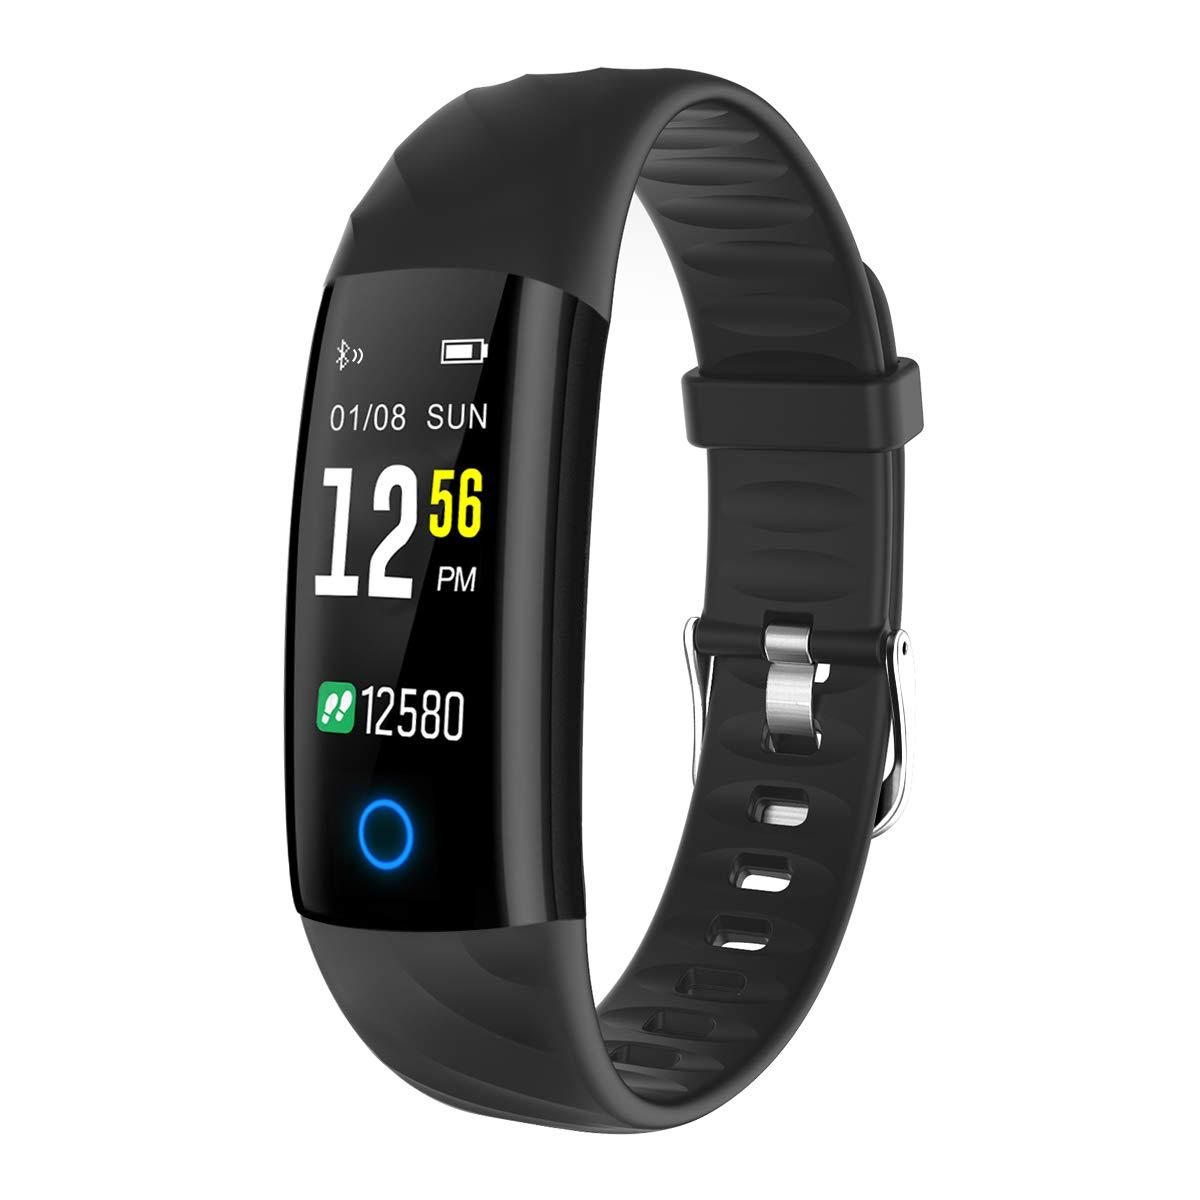 Montre Connectée, ELEGIANT Bracelet Connectée Intelligent Fitness Tracker IP68 Étanche Écran Coloré avec Cardiofréquencemètre Podomètre Moniteur de Sommeil ...